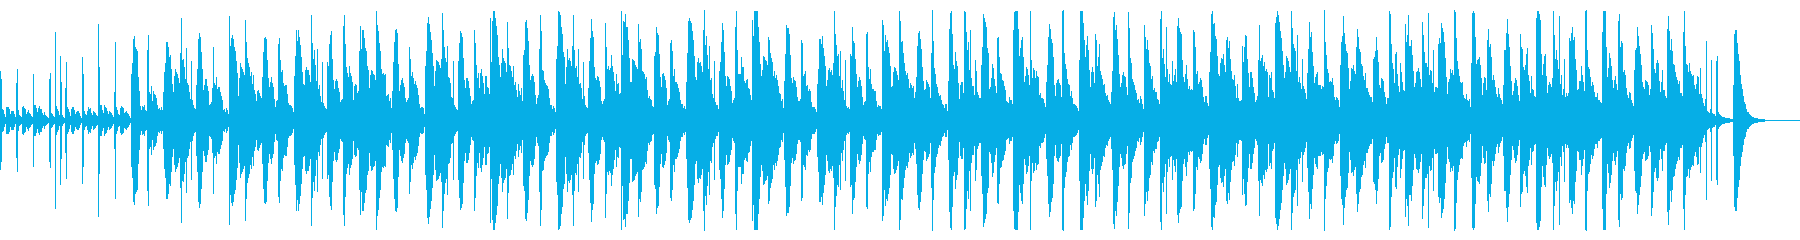 時計の音、キラキラ可愛い、ファンタジックの再生済みの波形